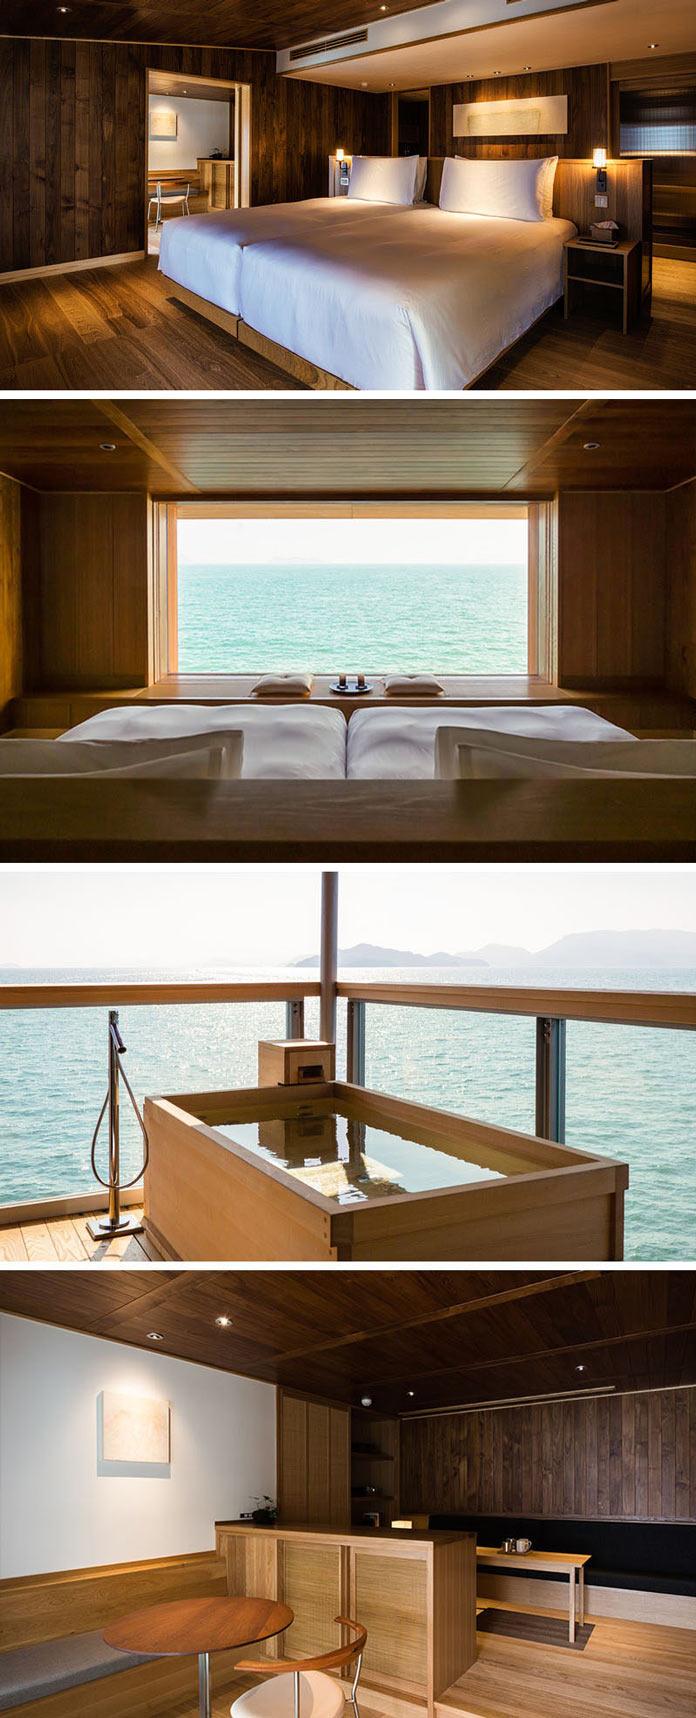 Номера в Guntu - плавающем отеле в Японии